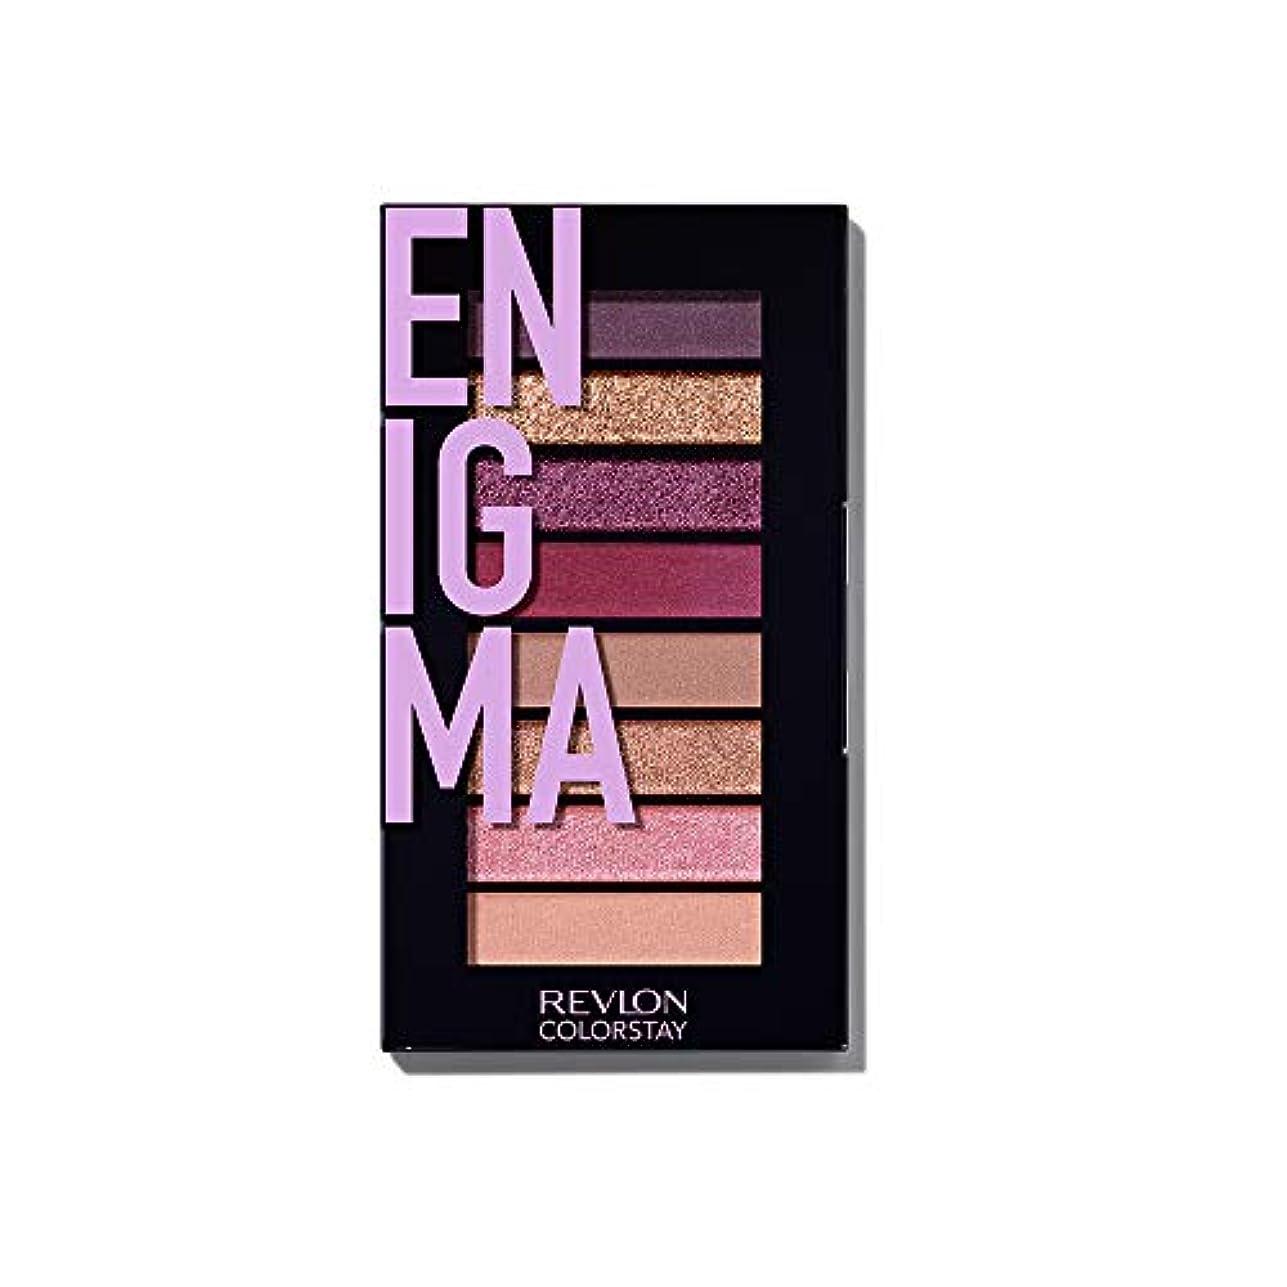 レブロン カラーステイ ルックス ブック パレット 920 エニグマ(カラーイメージ:ピンクパープル系)